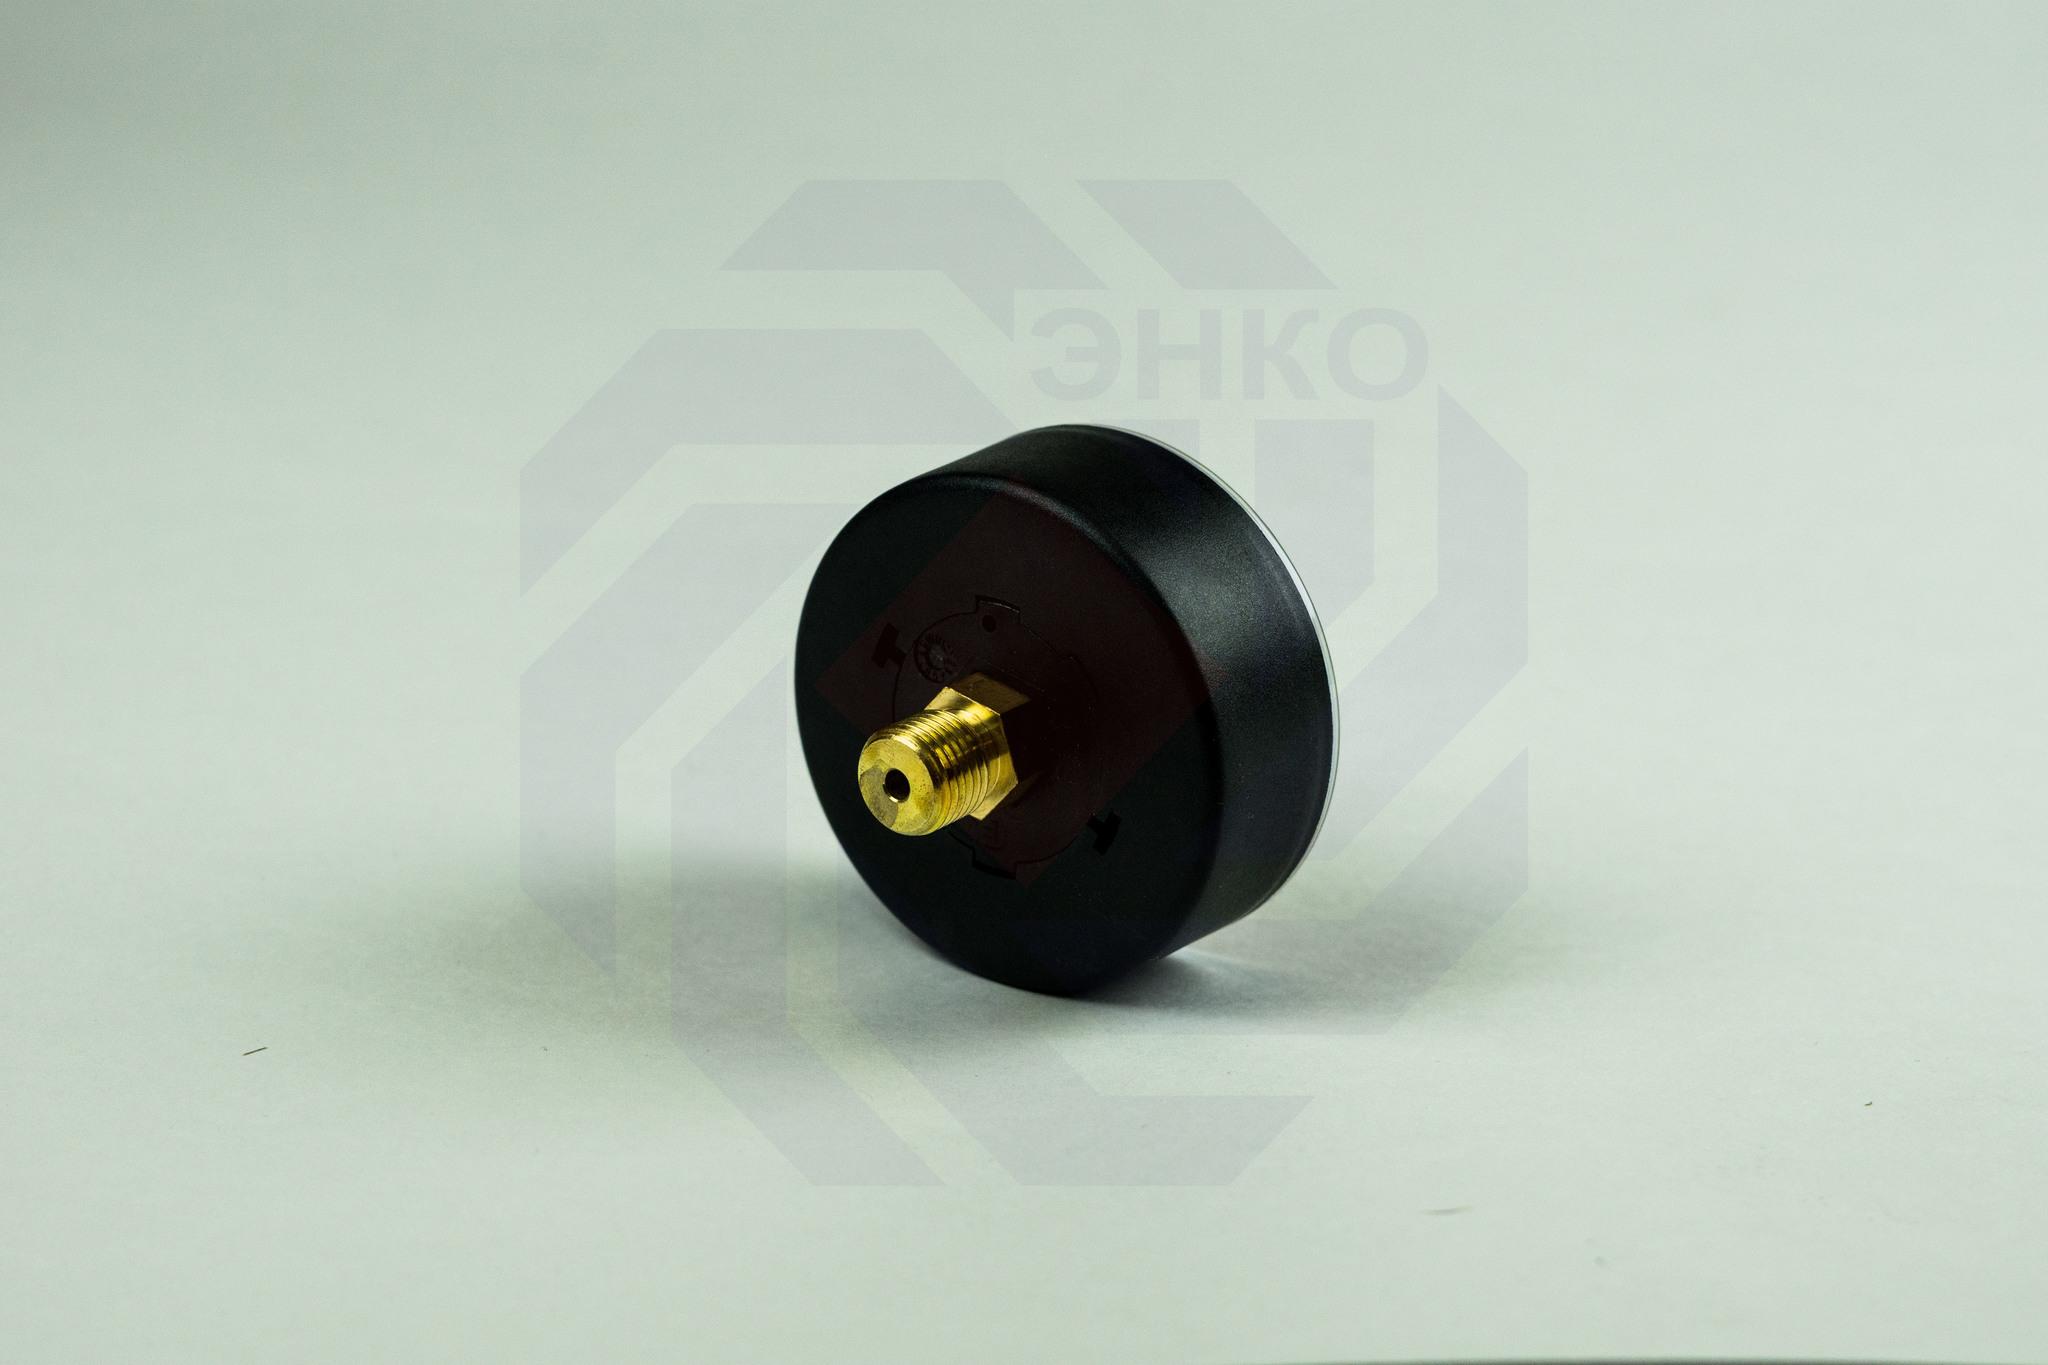 Манометр аксиальный WATTS MDA 63/6 (F+R100) 0-6 бар 63 мм ¼